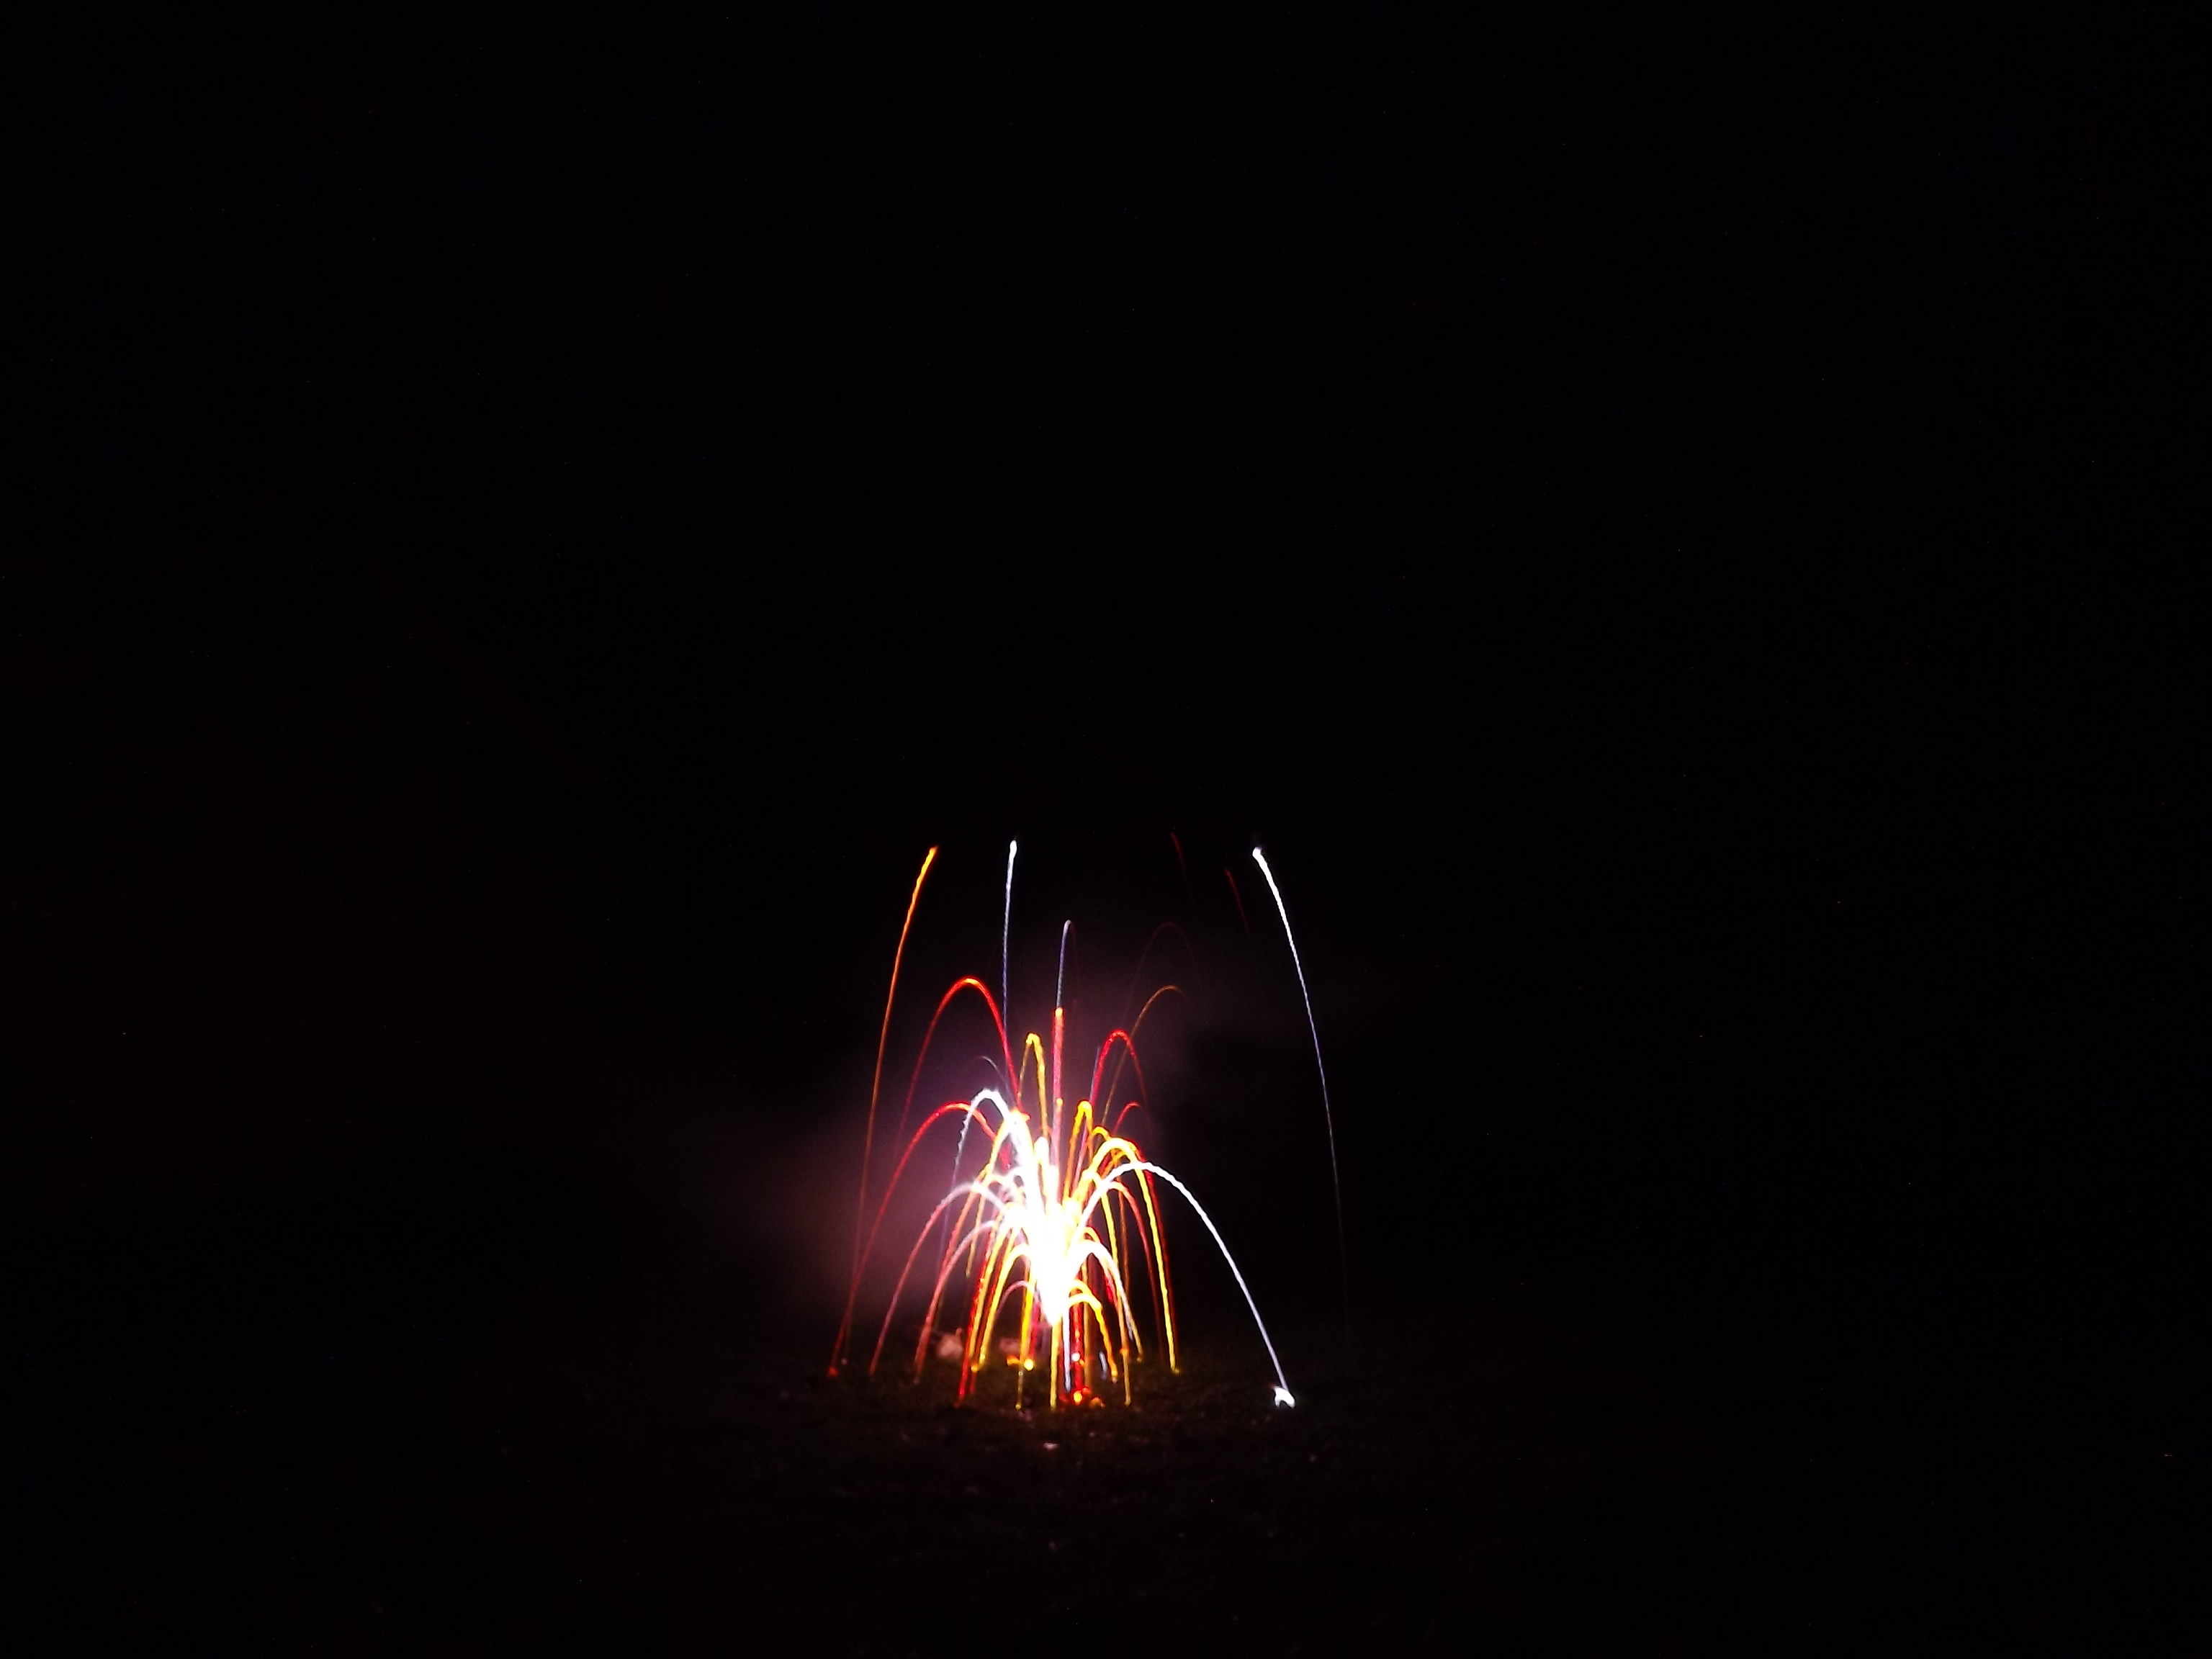 6755--feuerwerk-silvester-neujahr-neon-farben